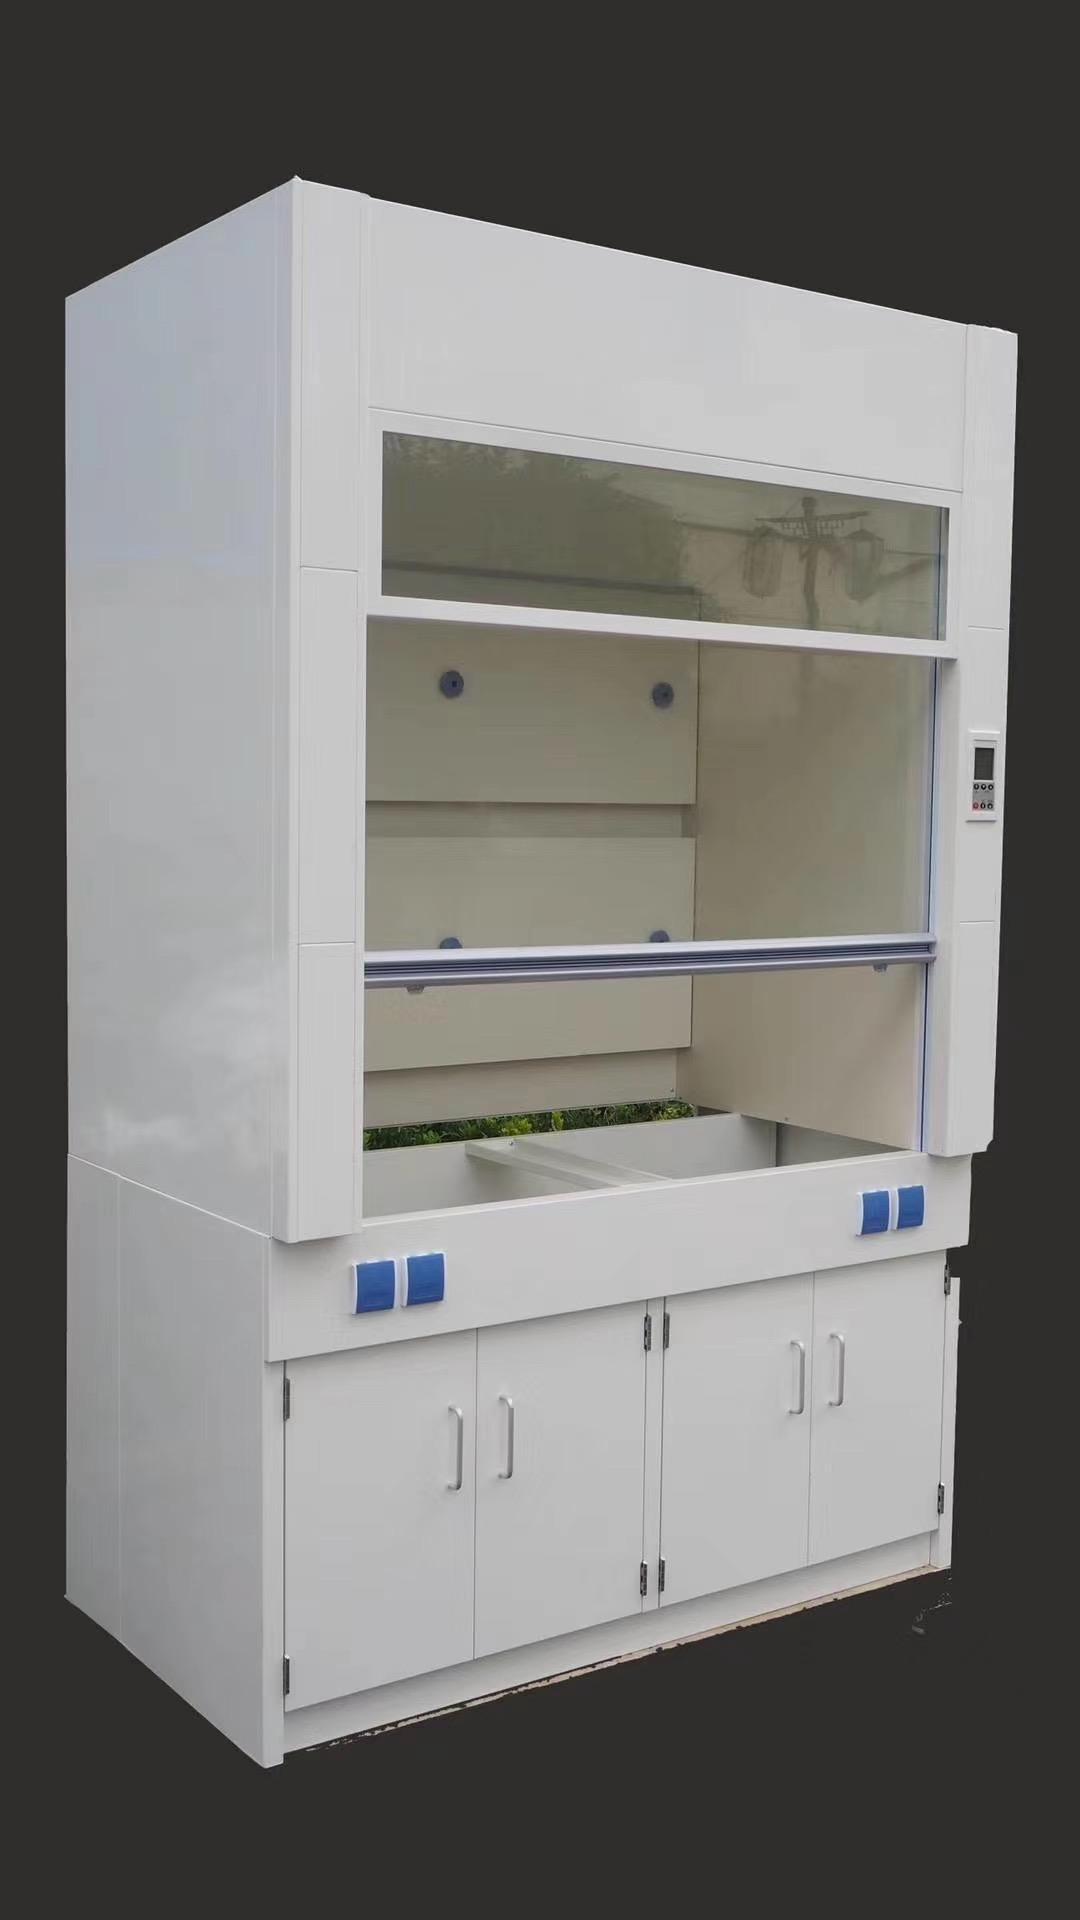 实验室理化配套全钢通风柜排毒柜定做 1